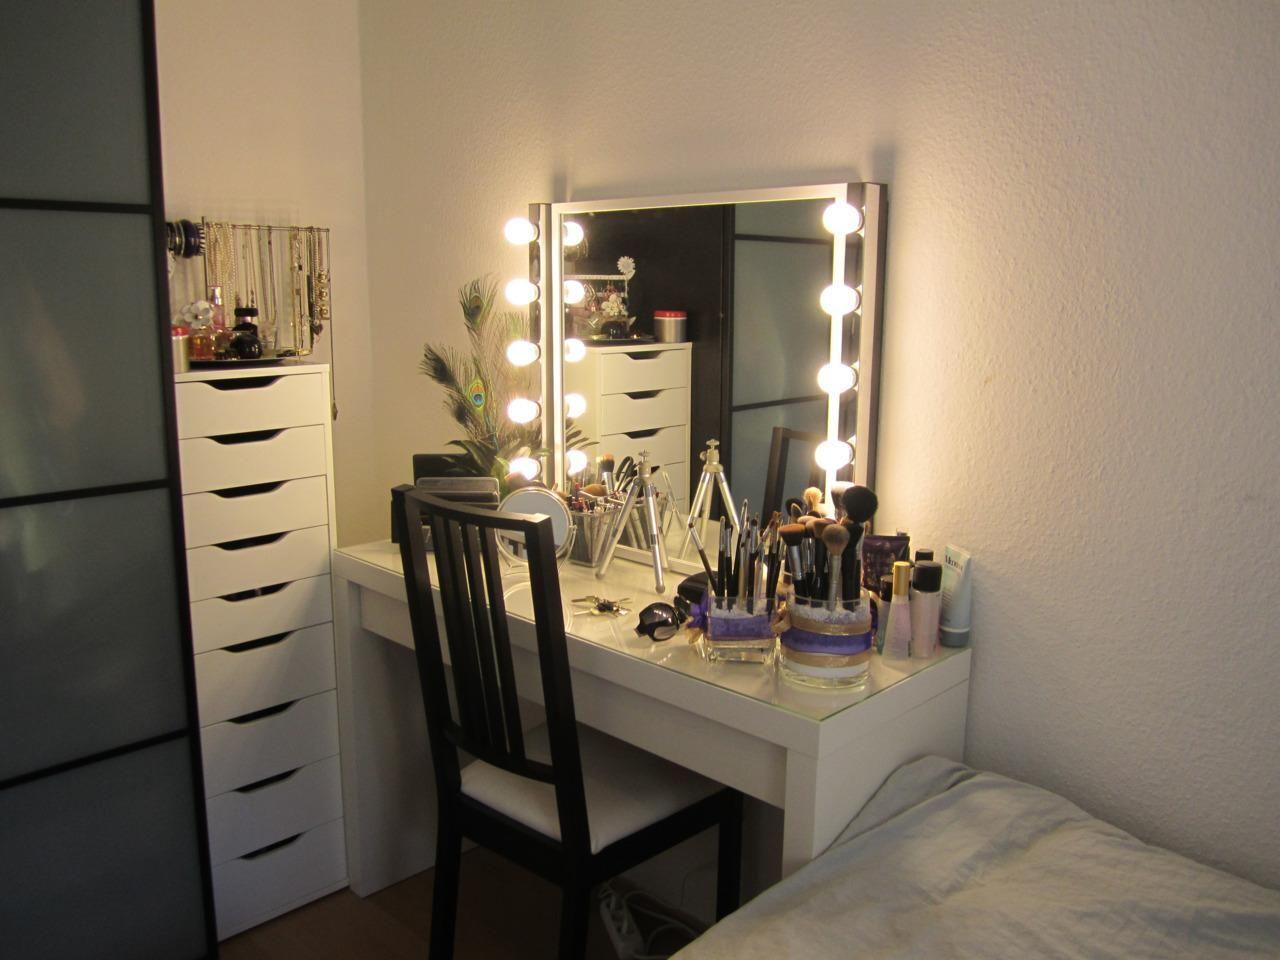 Related Image Bedroom Vanity Set Makeup Vanities With Bath